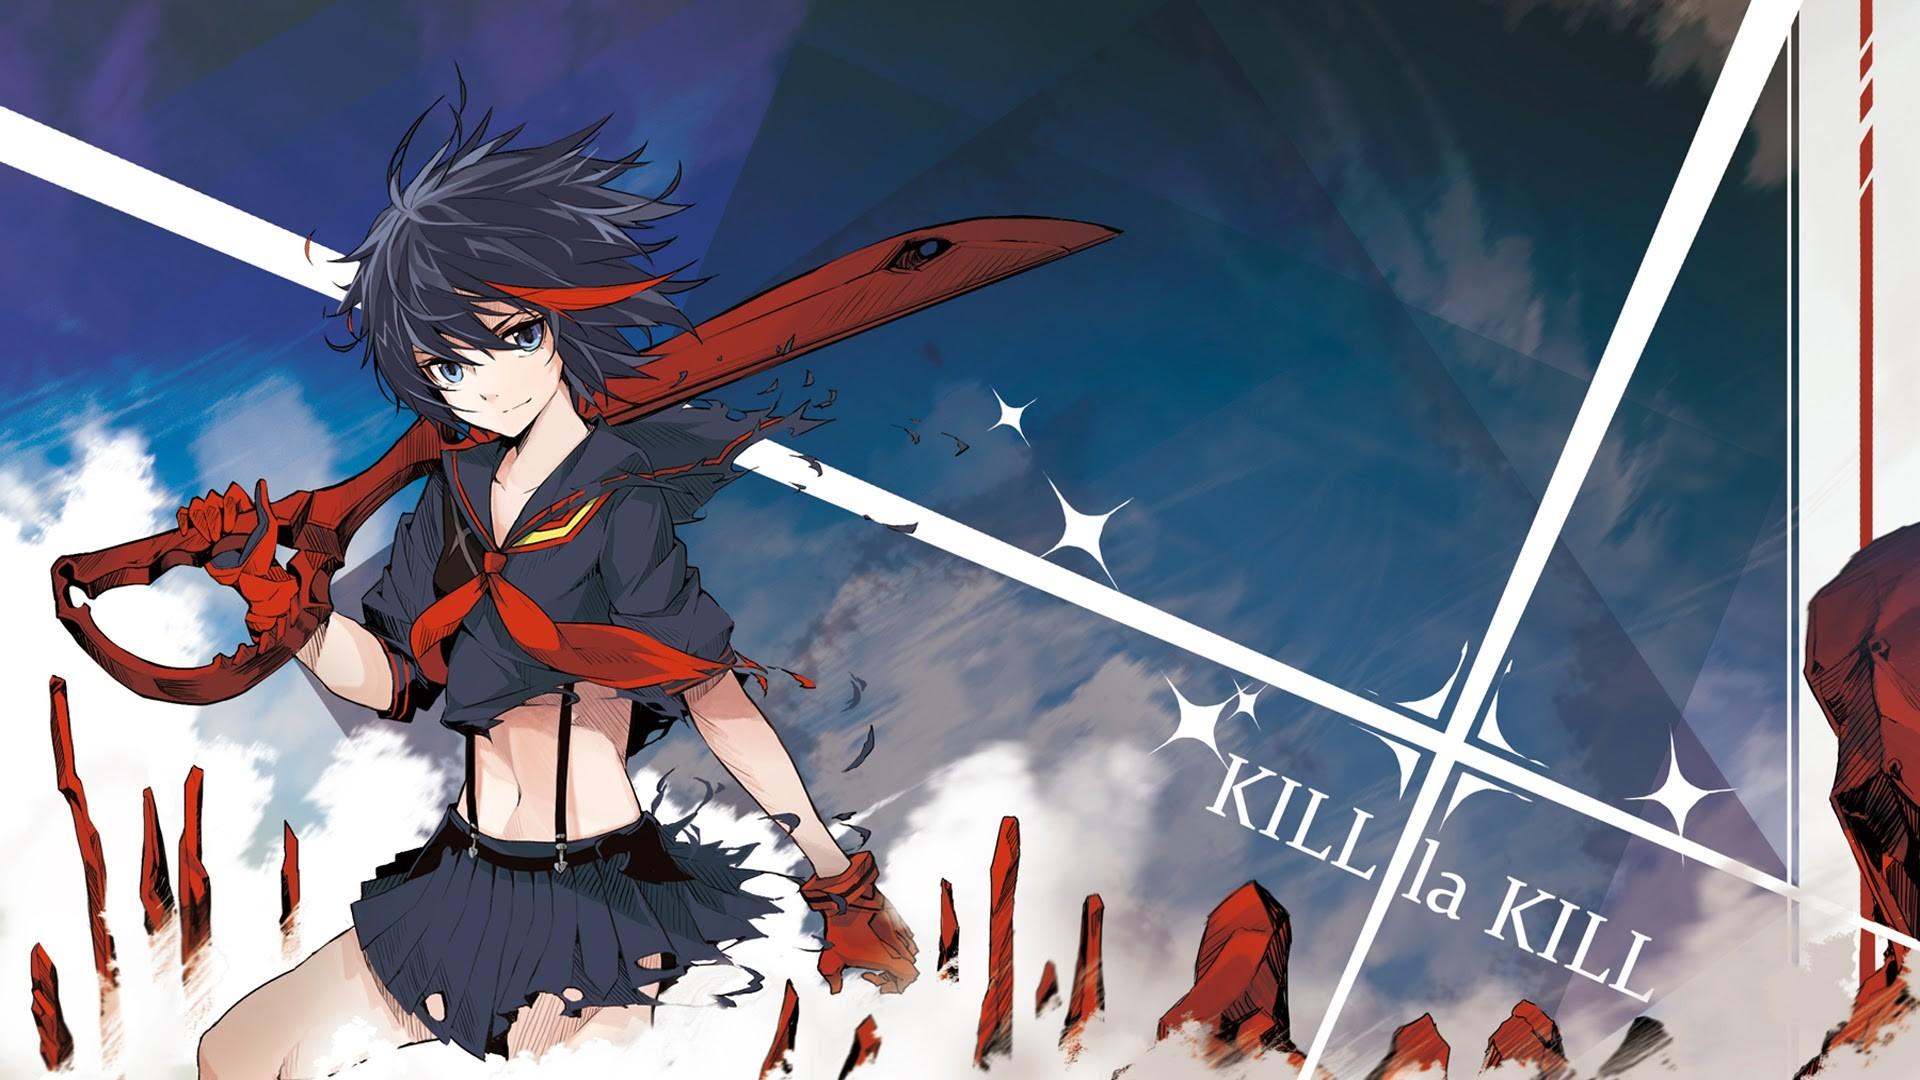 Wallpaper Anime Girls Kill La Kill Screenshot 1920x1080